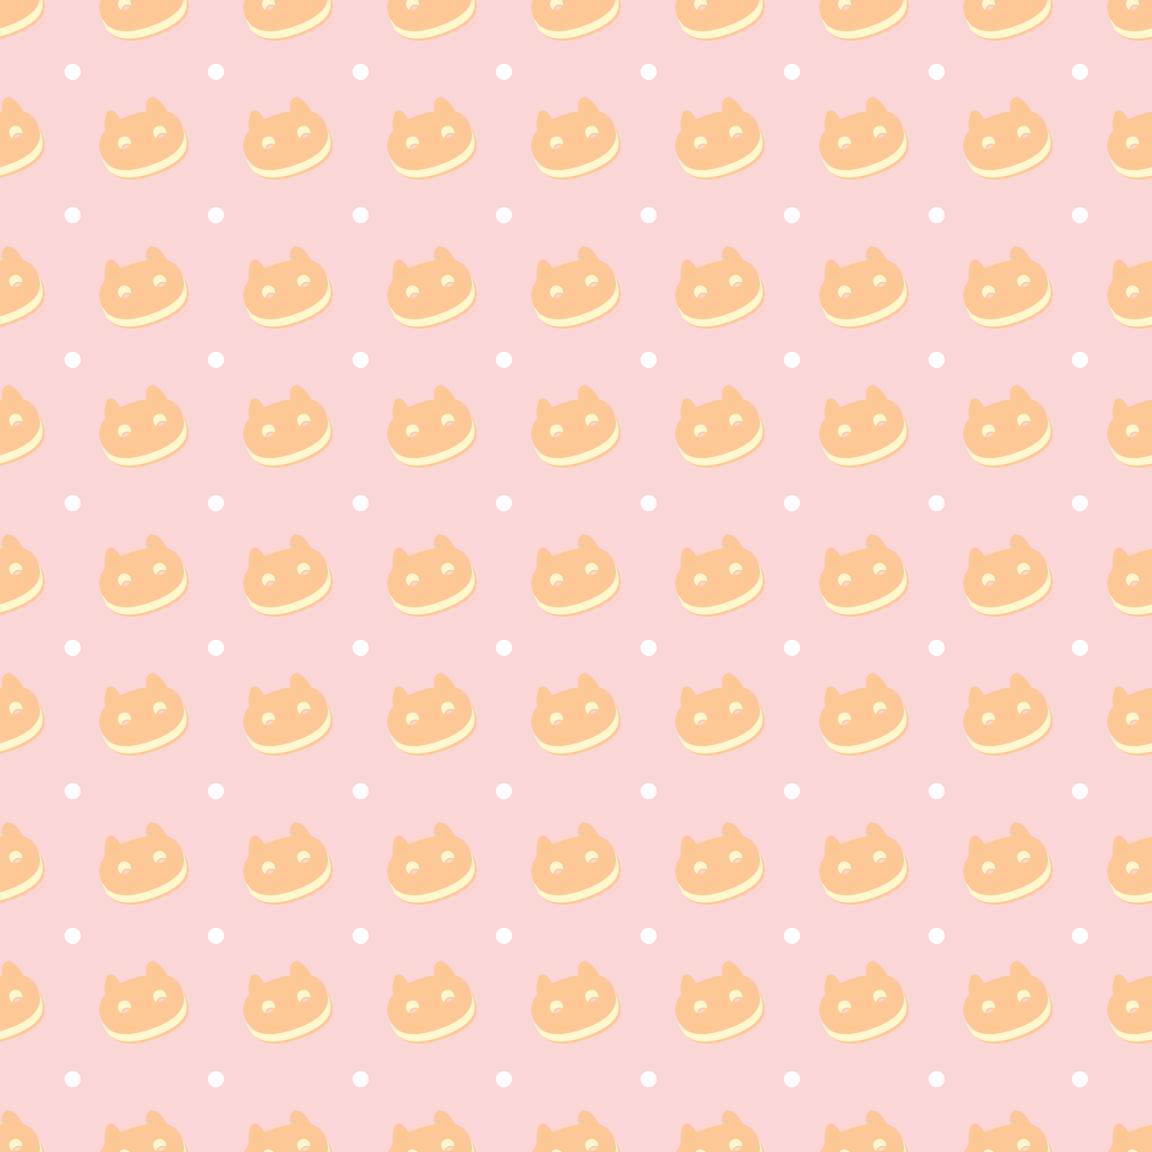 Vanilla Cookie Cat Wallpaper